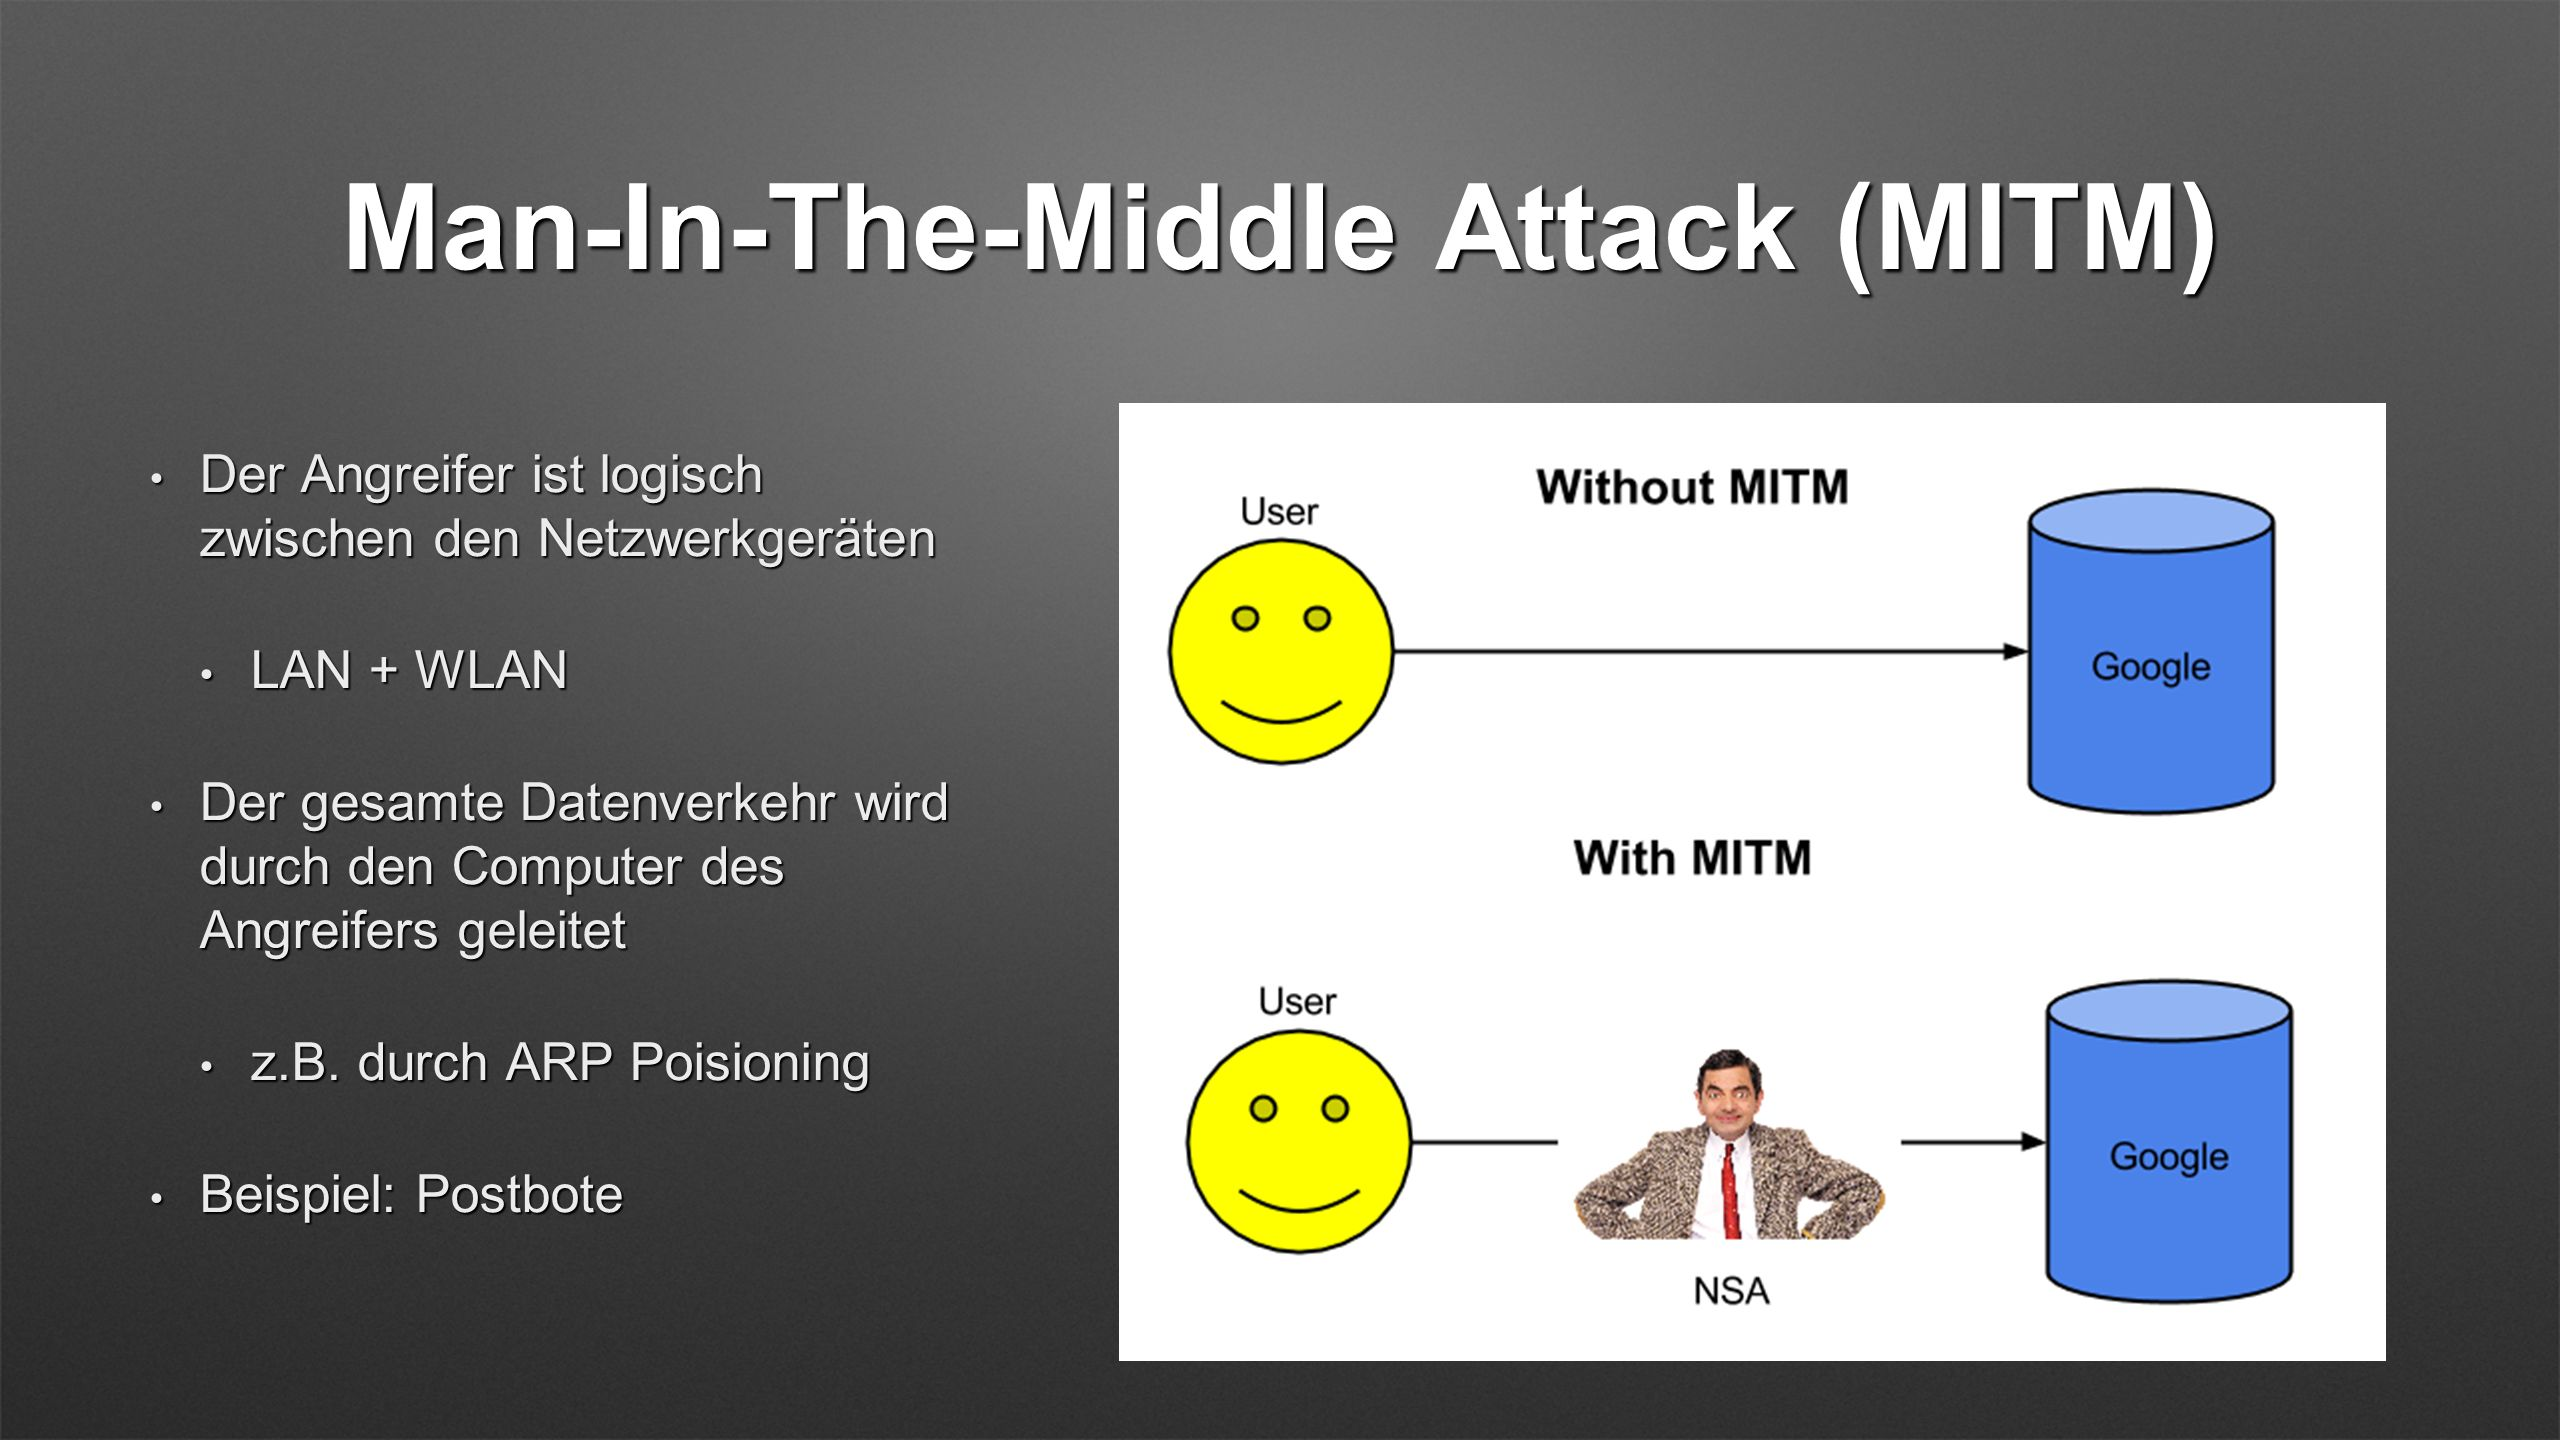 Man-In-The-Middle Attack (MITM) Der Angreifer ist logisch zwischen den Netzwerkgeräten Der Angreifer ist logisch zwischen den Netzwerkgeräten LAN + WL